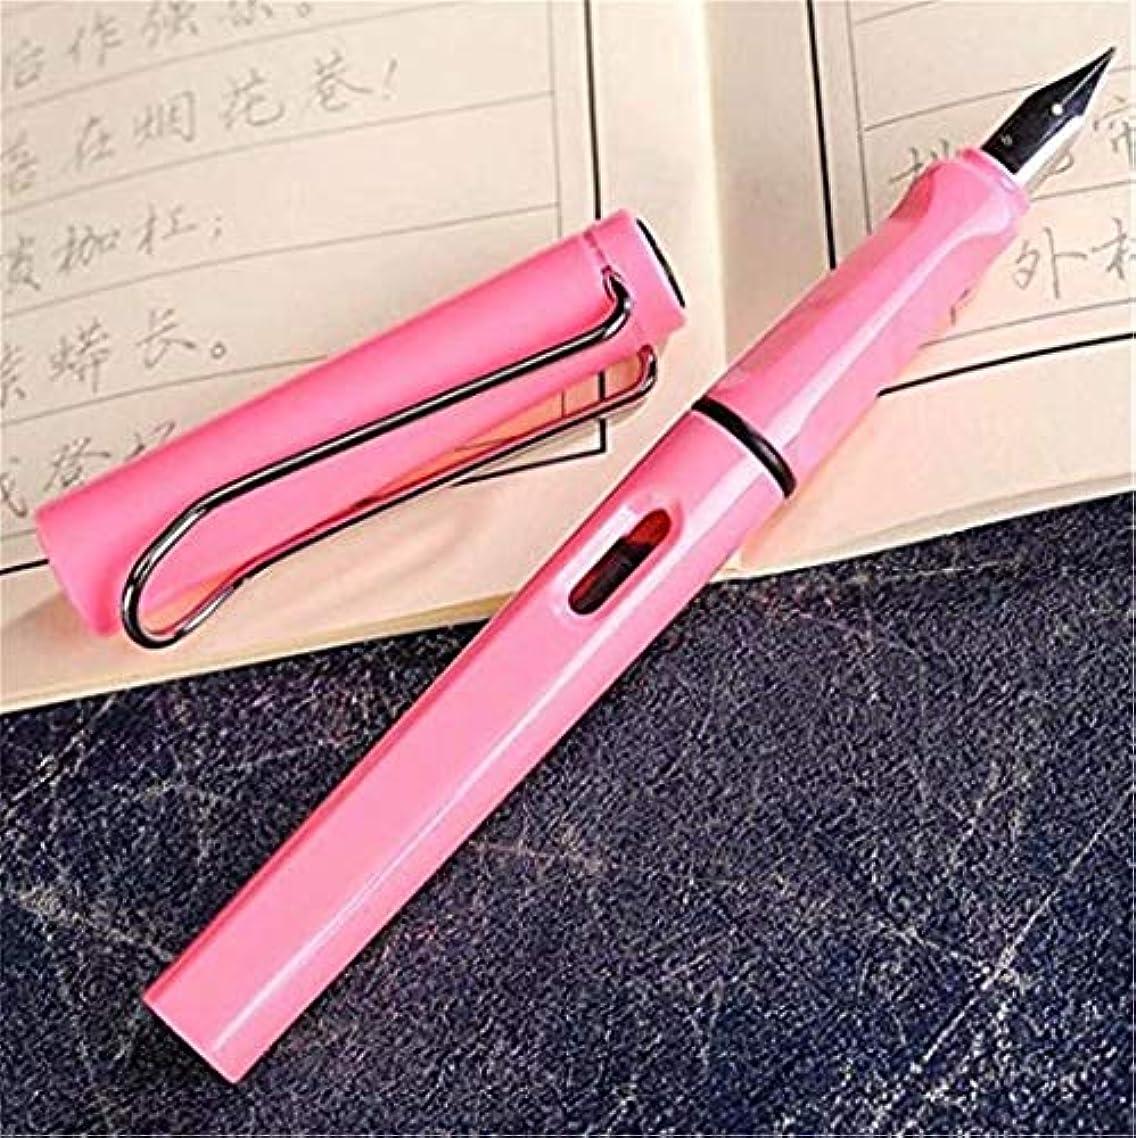 うぬぼれ除去深める七里の香 ミリメートルストレートペン先のインクリフィル万年筆、ブラックゴールドトーン …